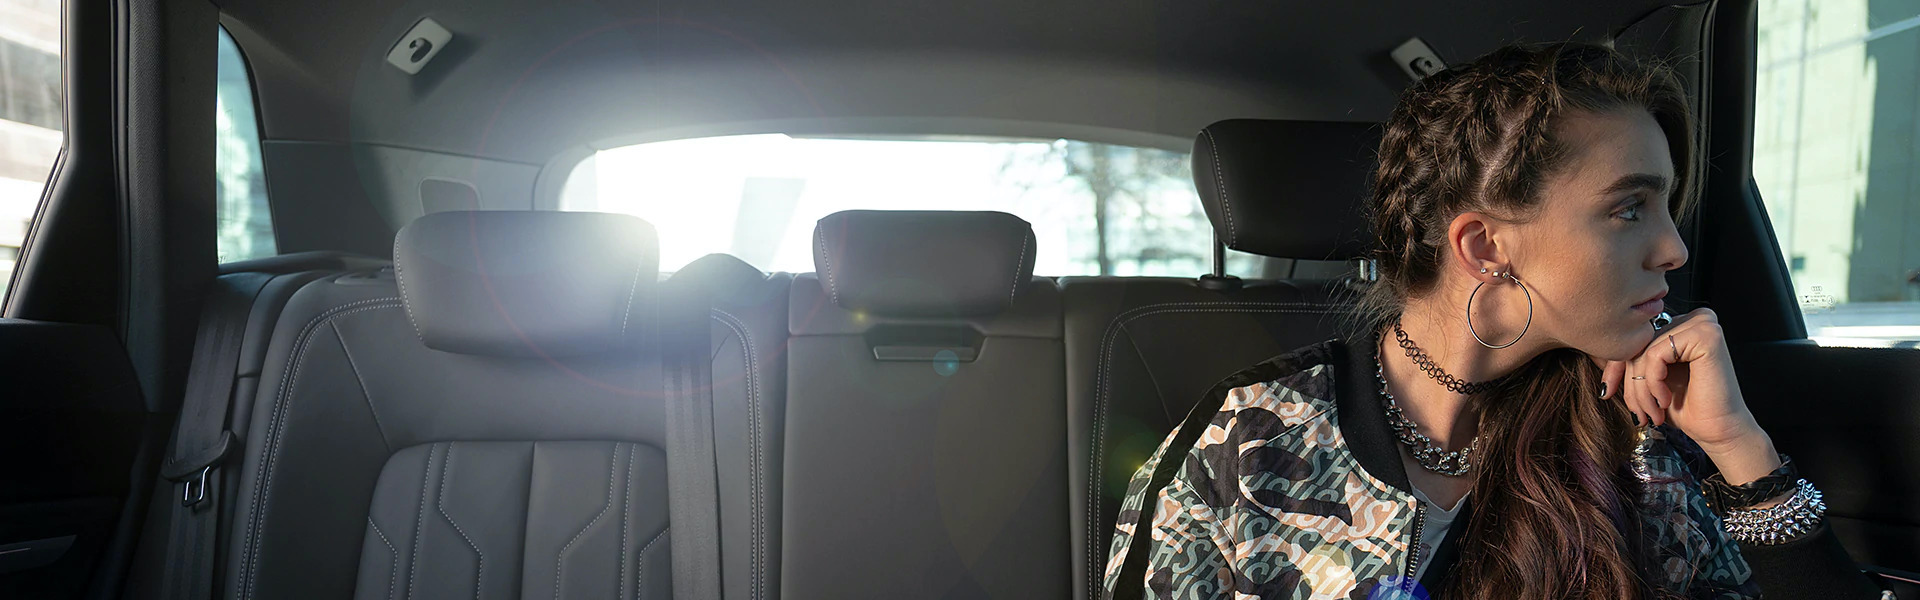 Punca sedi v avtu